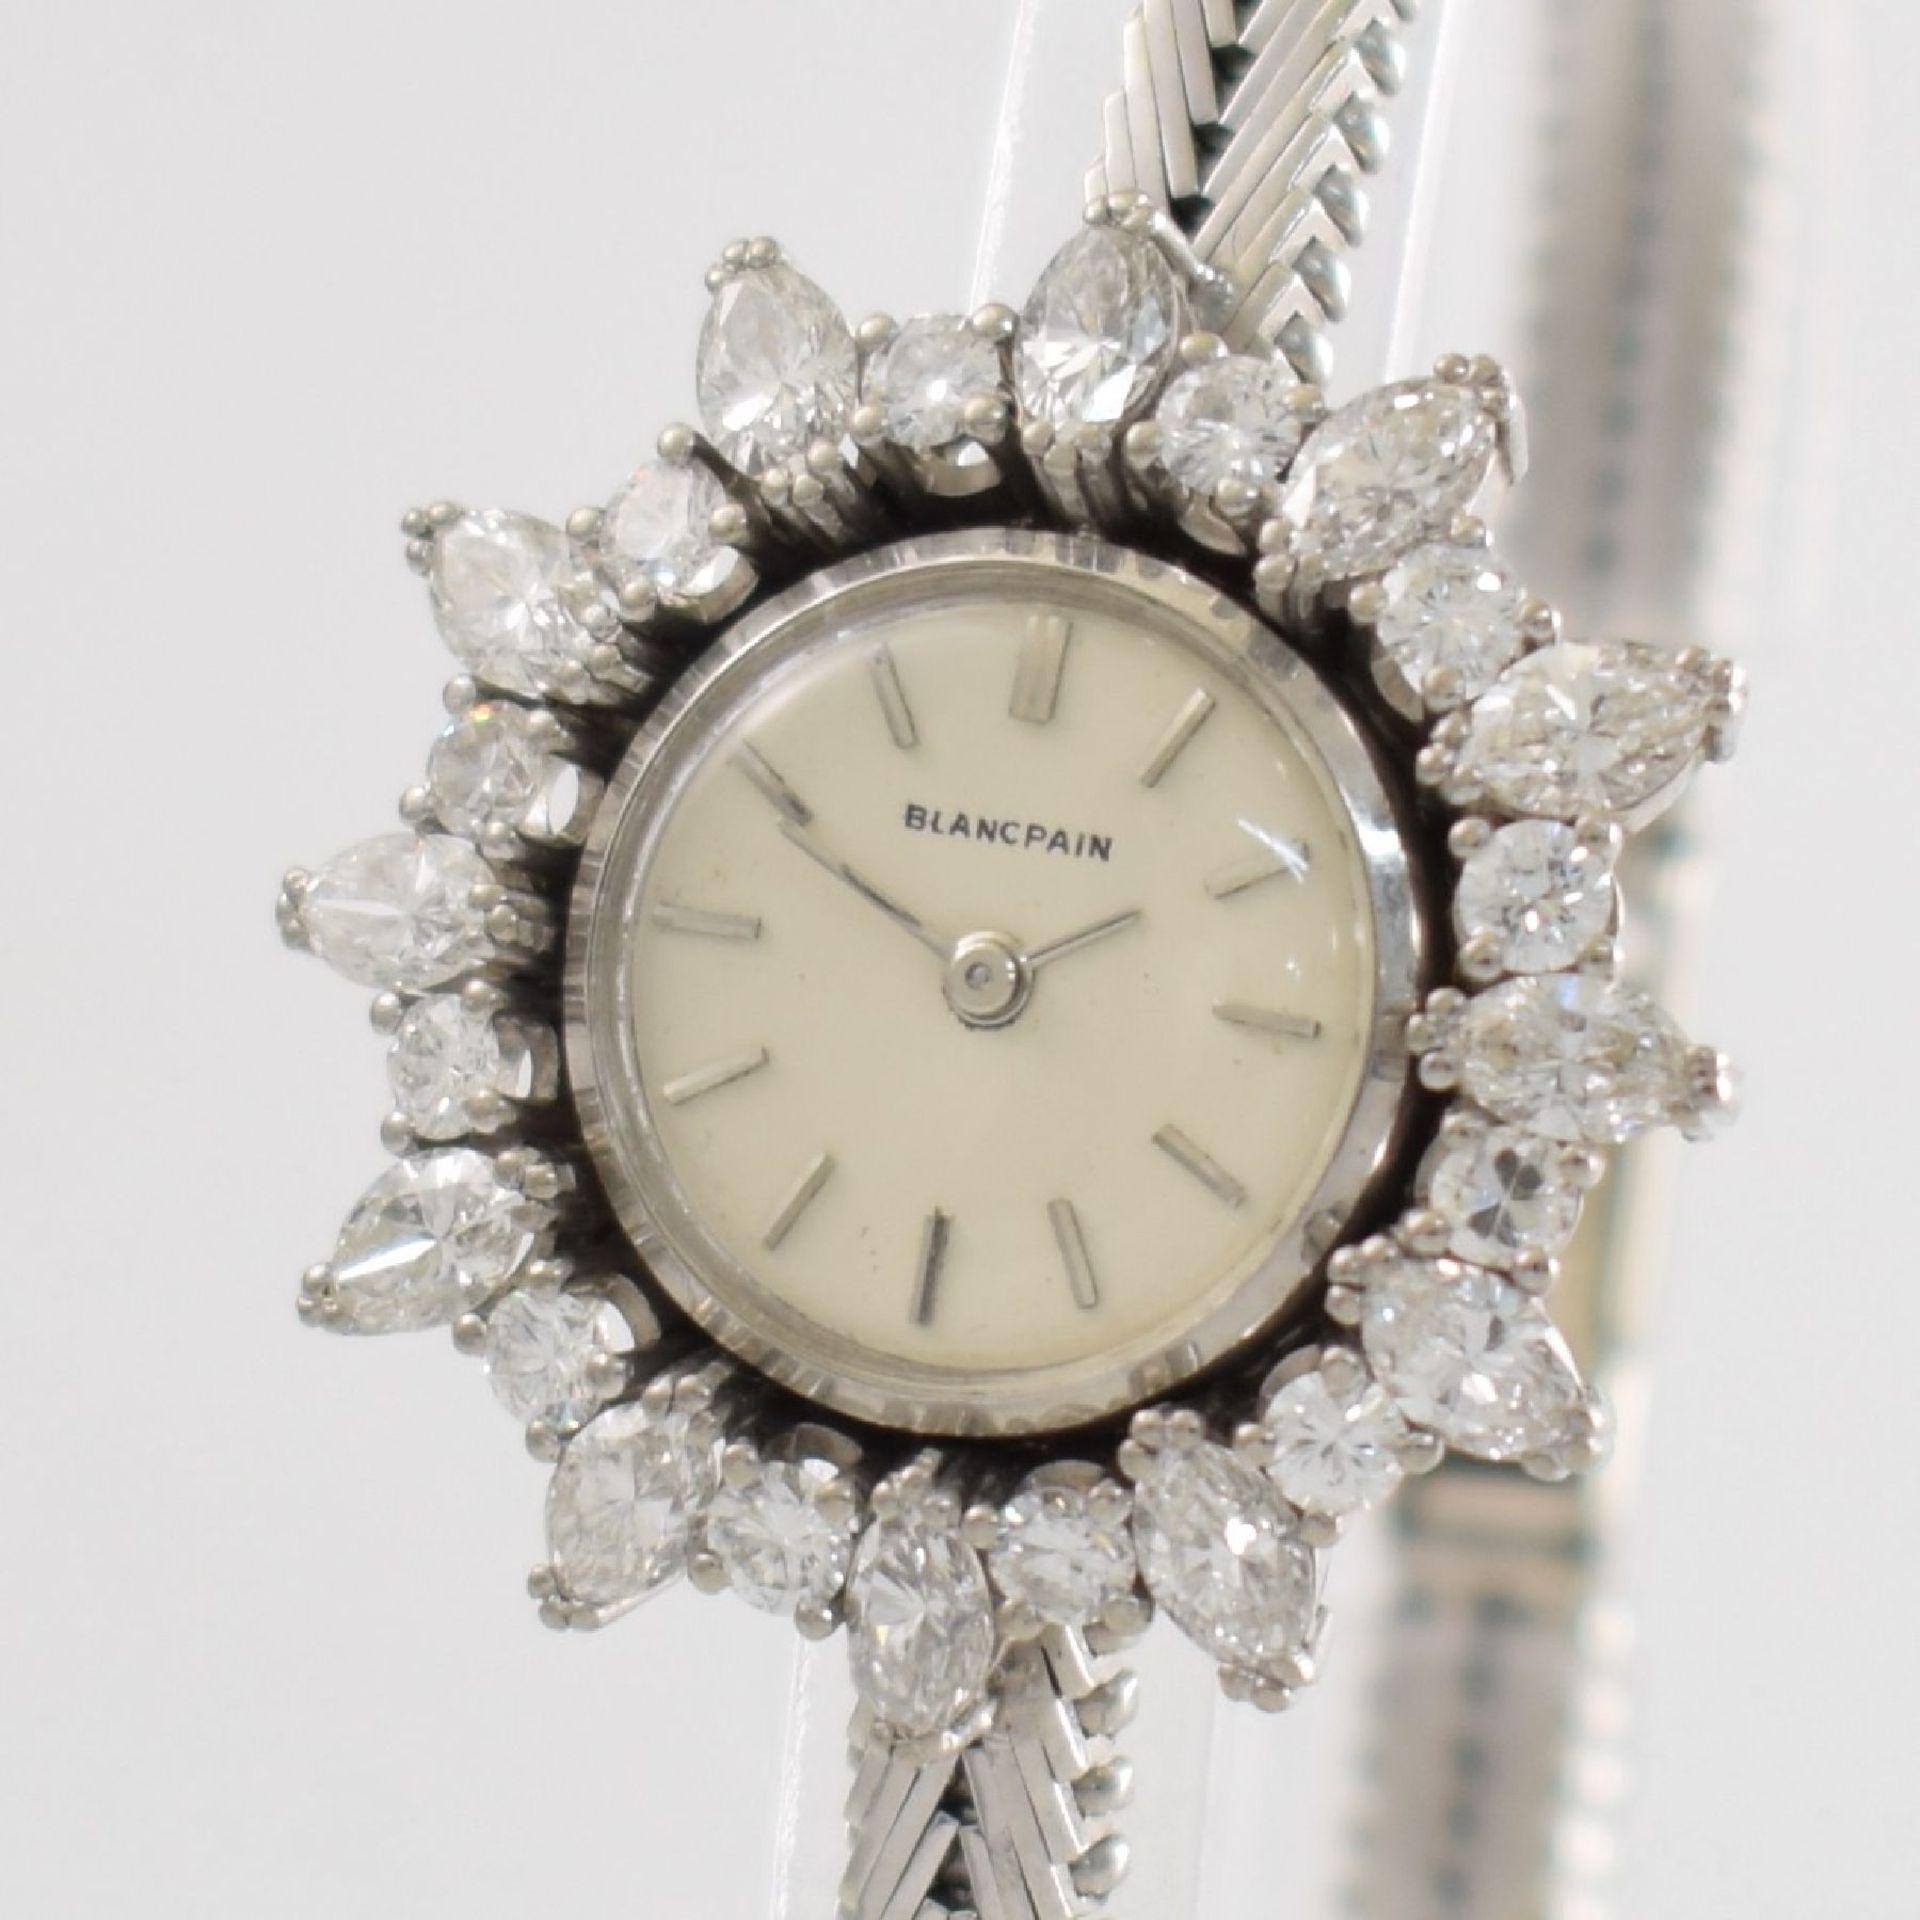 BLANCPAIN ausgefallene Damenarmbanduhr in WG 750/000 mit Diamantenbesatz zus. ca. 2,5 ct, Schweiz - Bild 4 aus 8